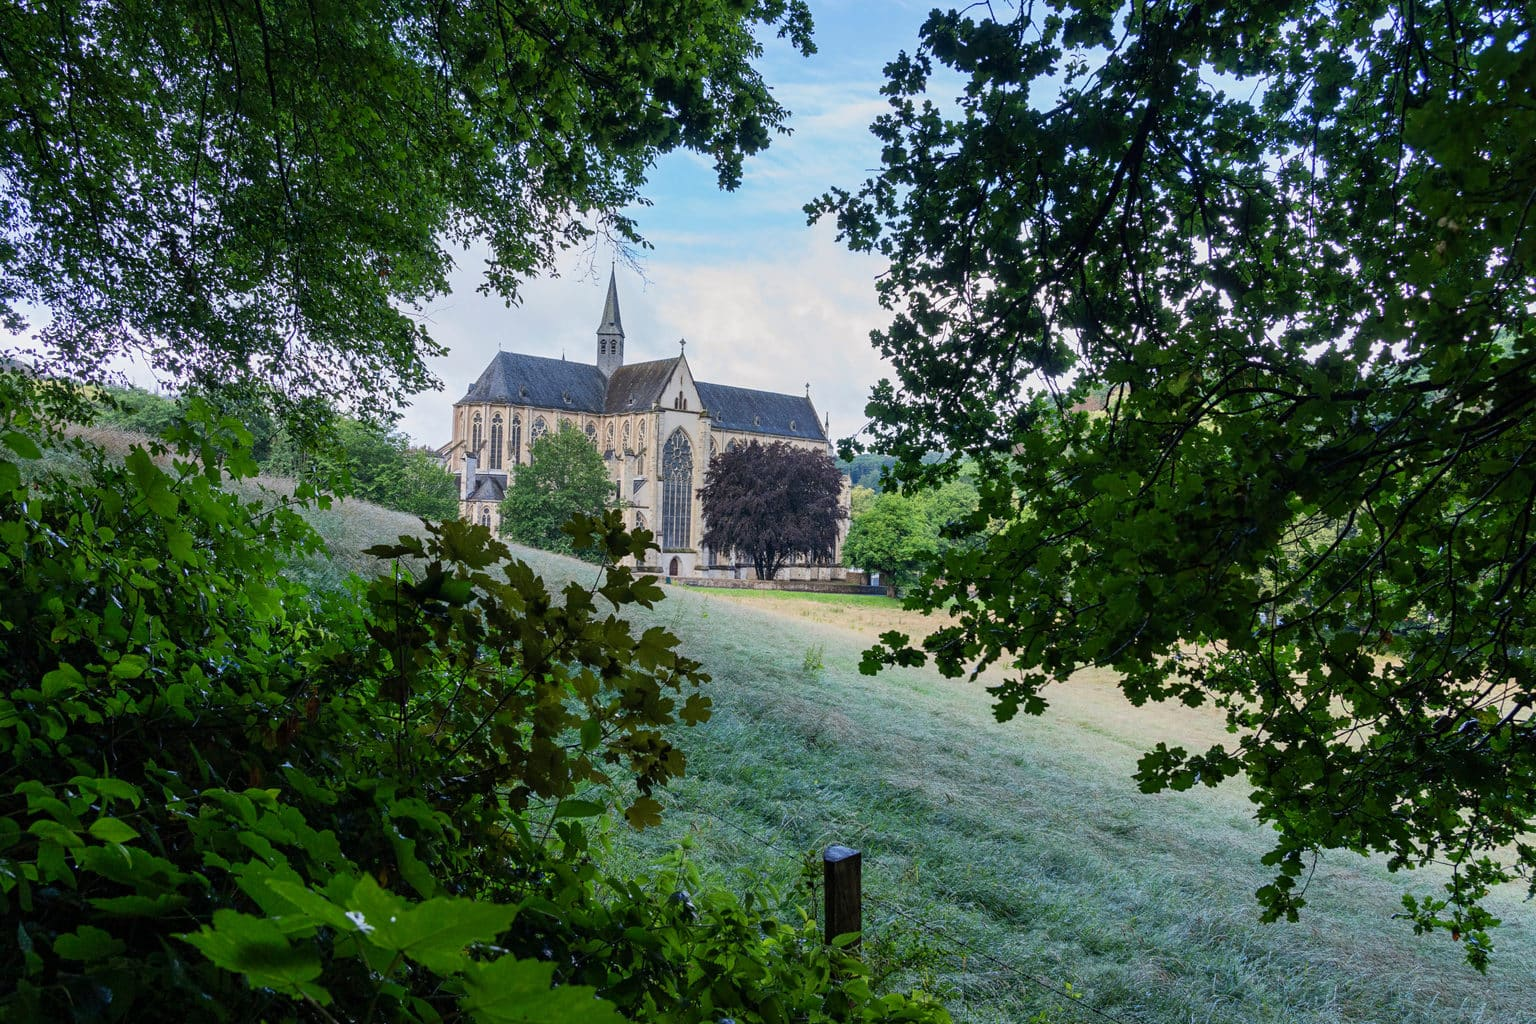 De Altenberger Dom in de buurt van Keulen